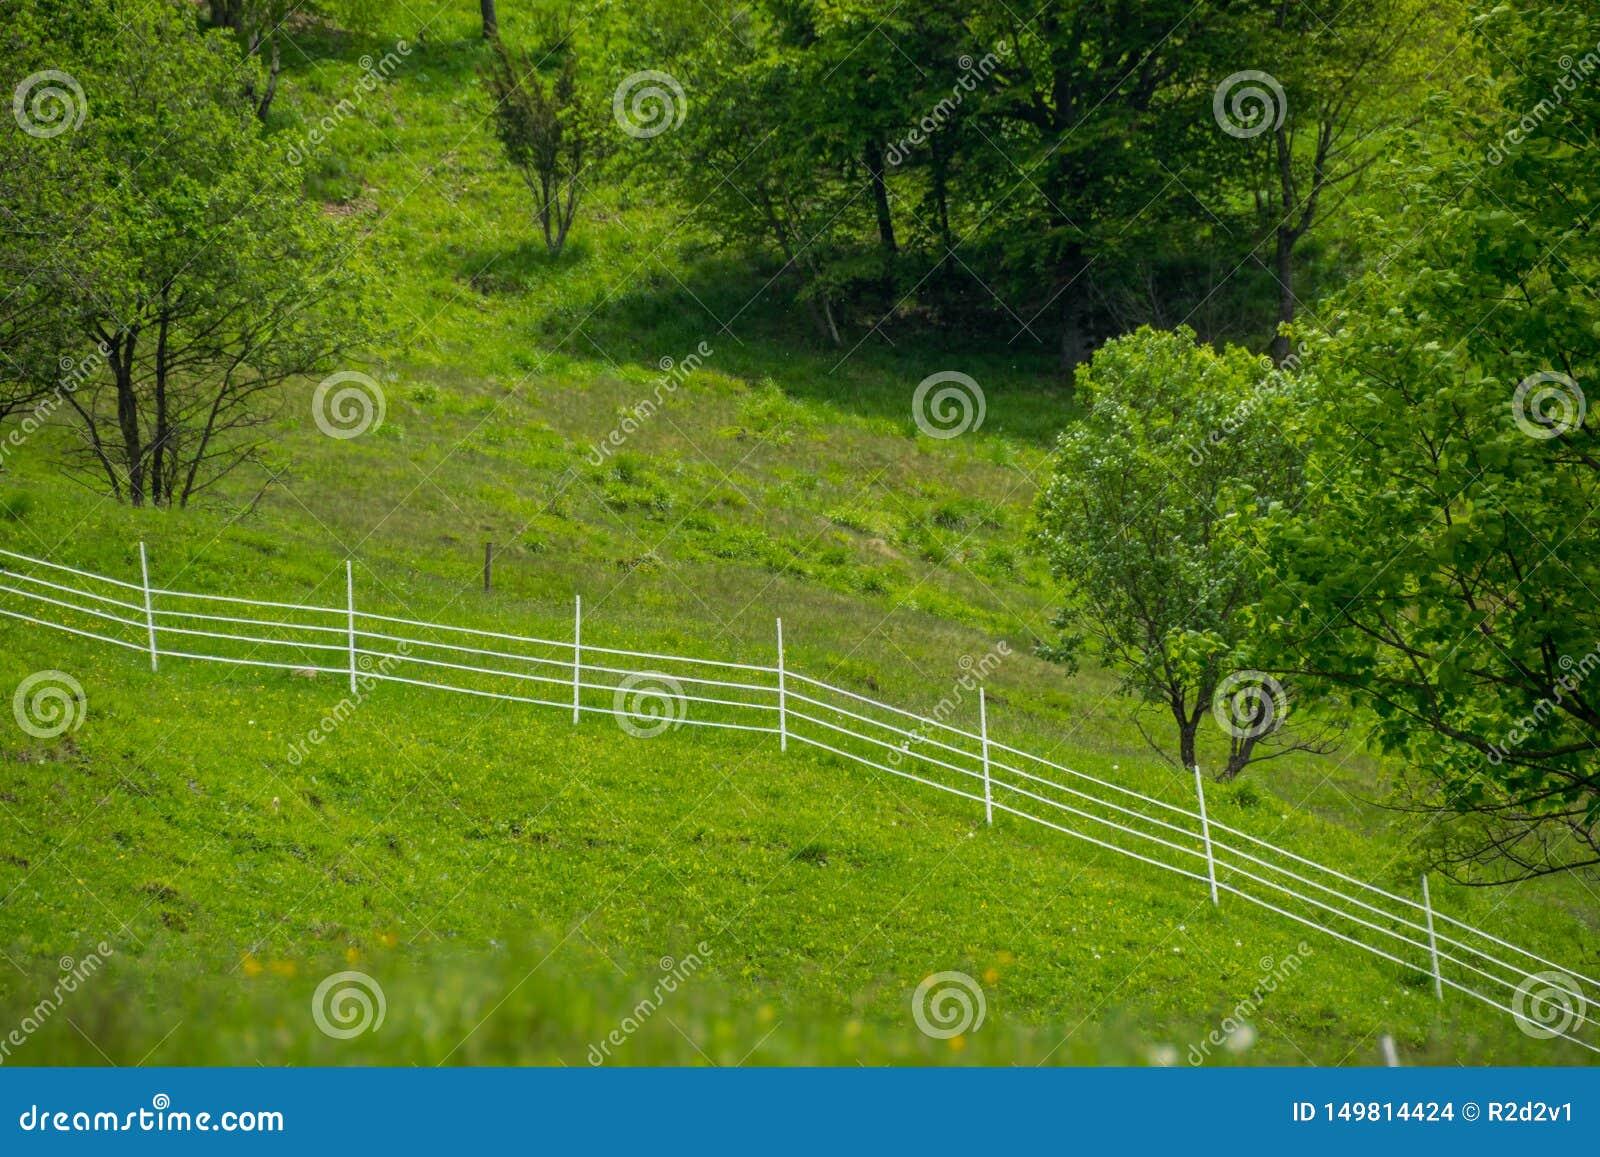 Corral clôturé dans le village